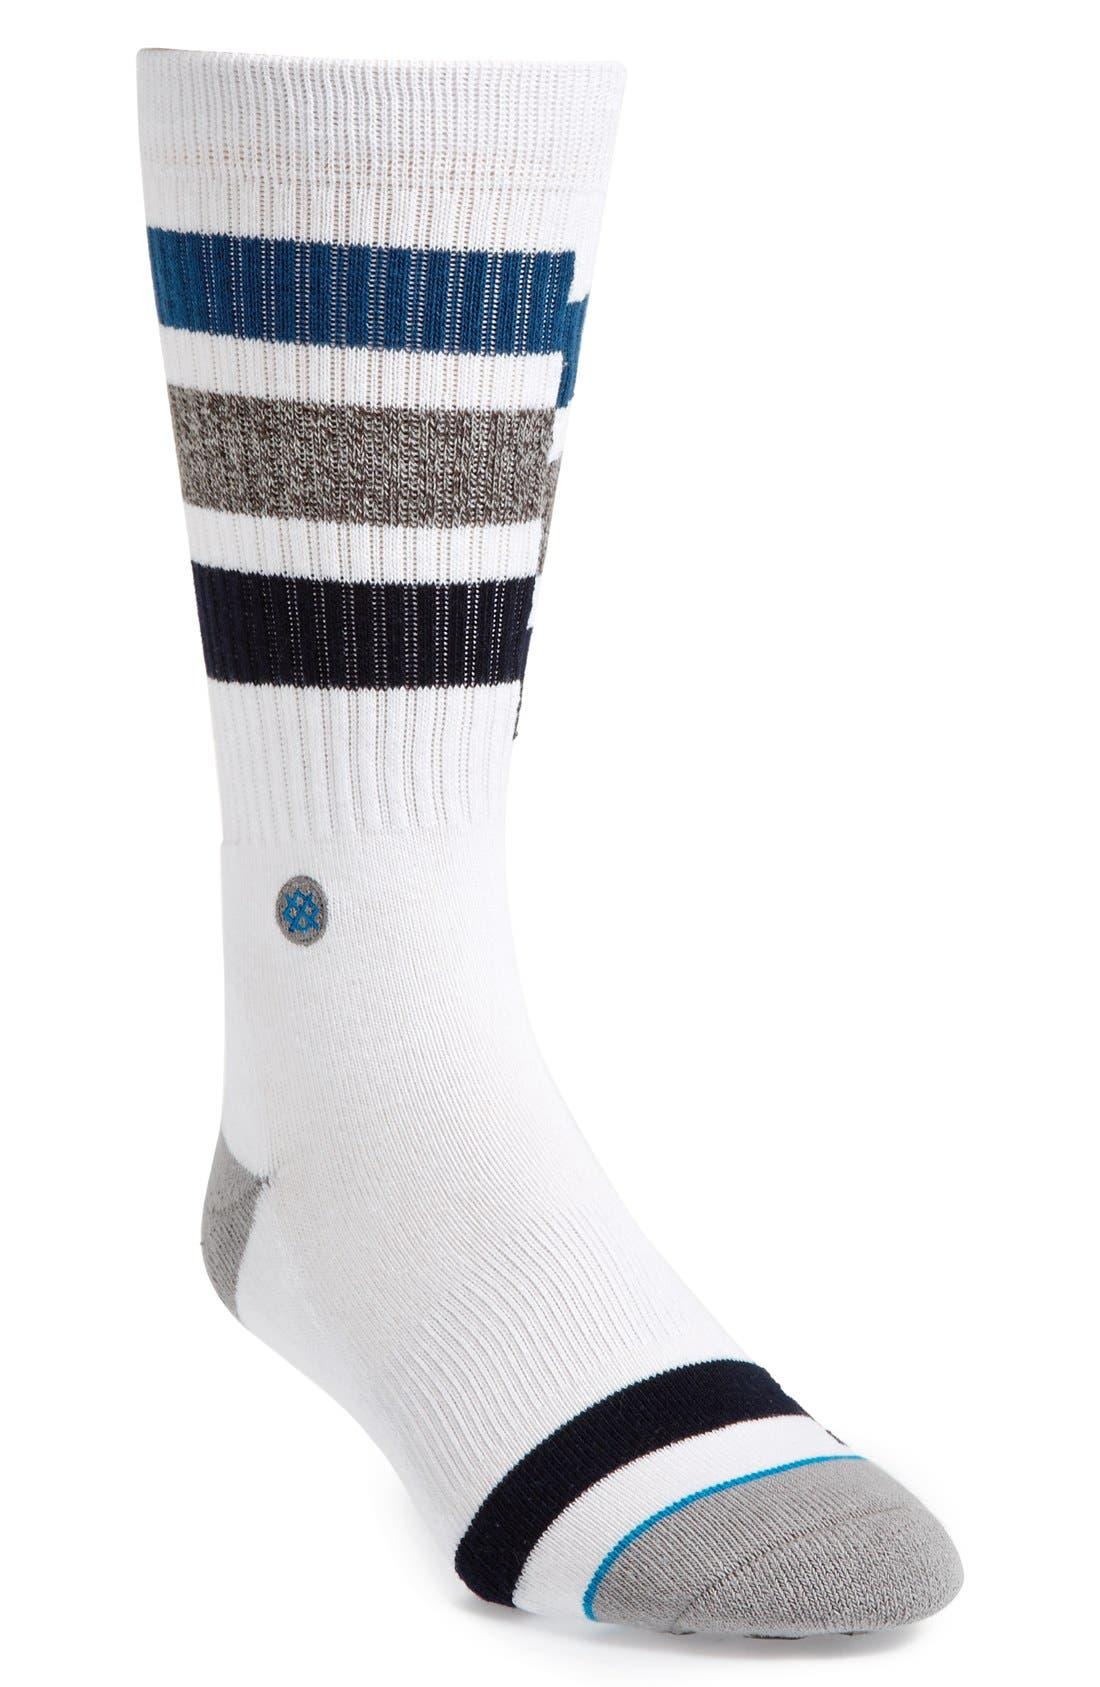 Main Image - Stance 'Abbott' Socks